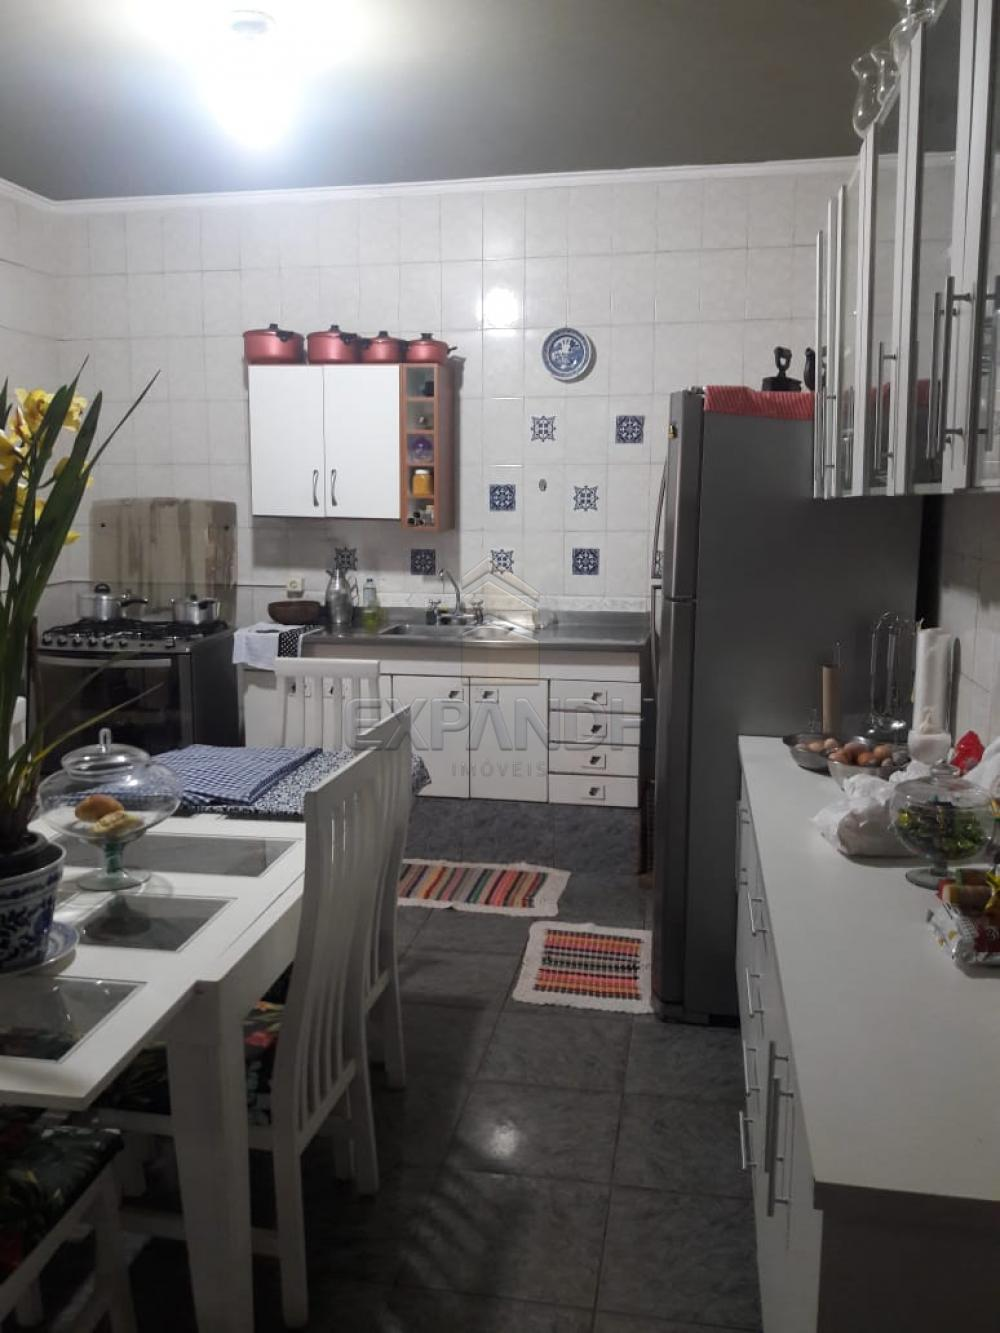 Comprar Casas / Padrão em Sertãozinho apenas R$ 400.000,00 - Foto 7